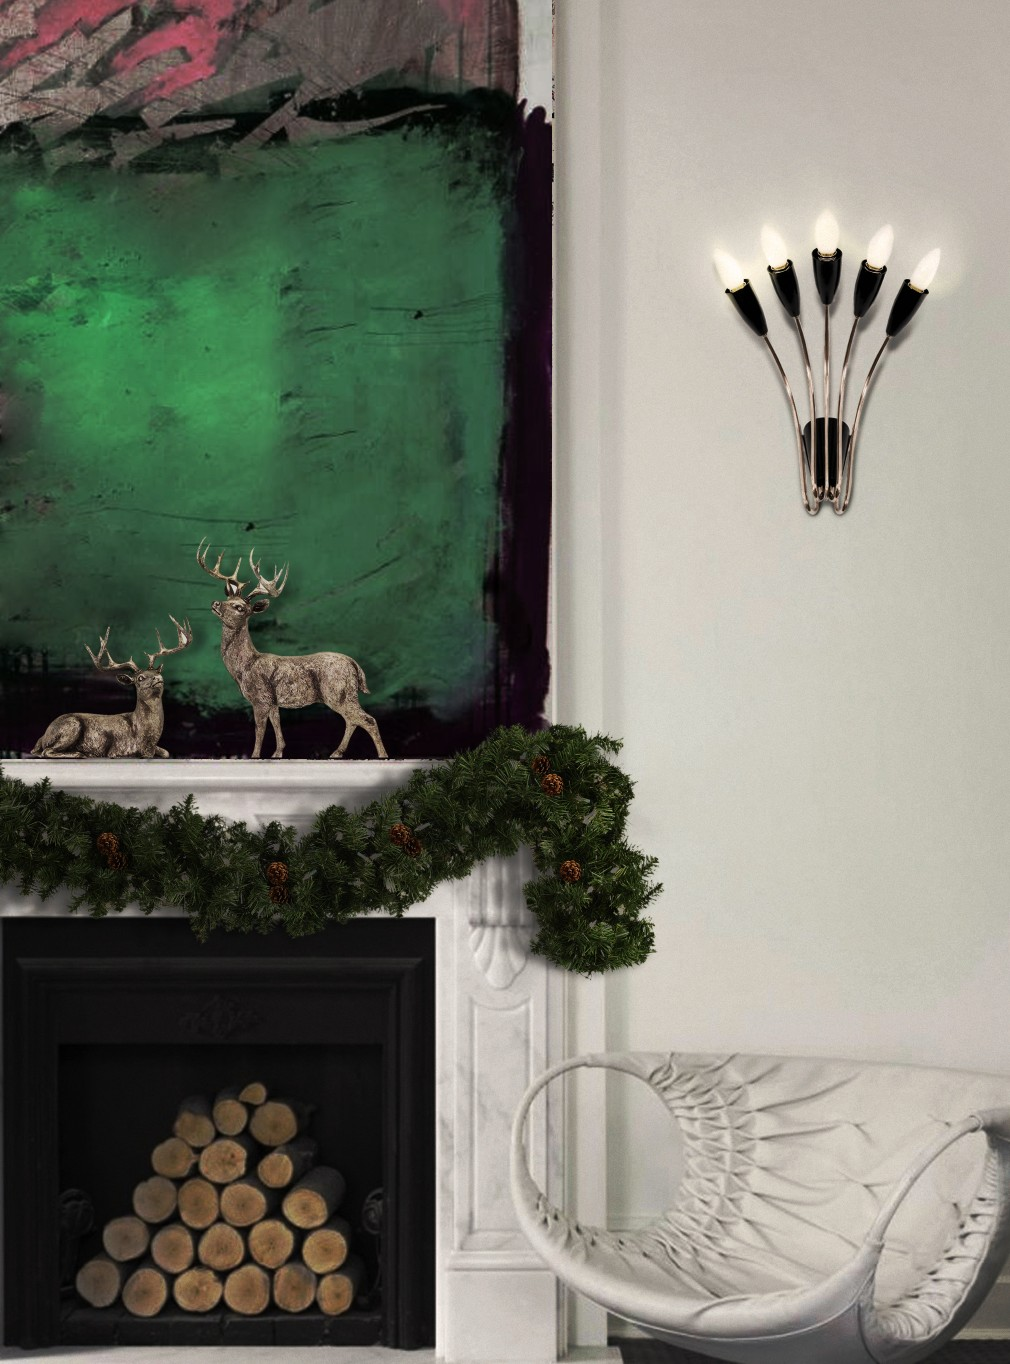 Рождественский декор 2019 Рождественский декор 2019 norah wall ambience 01 christmas HR